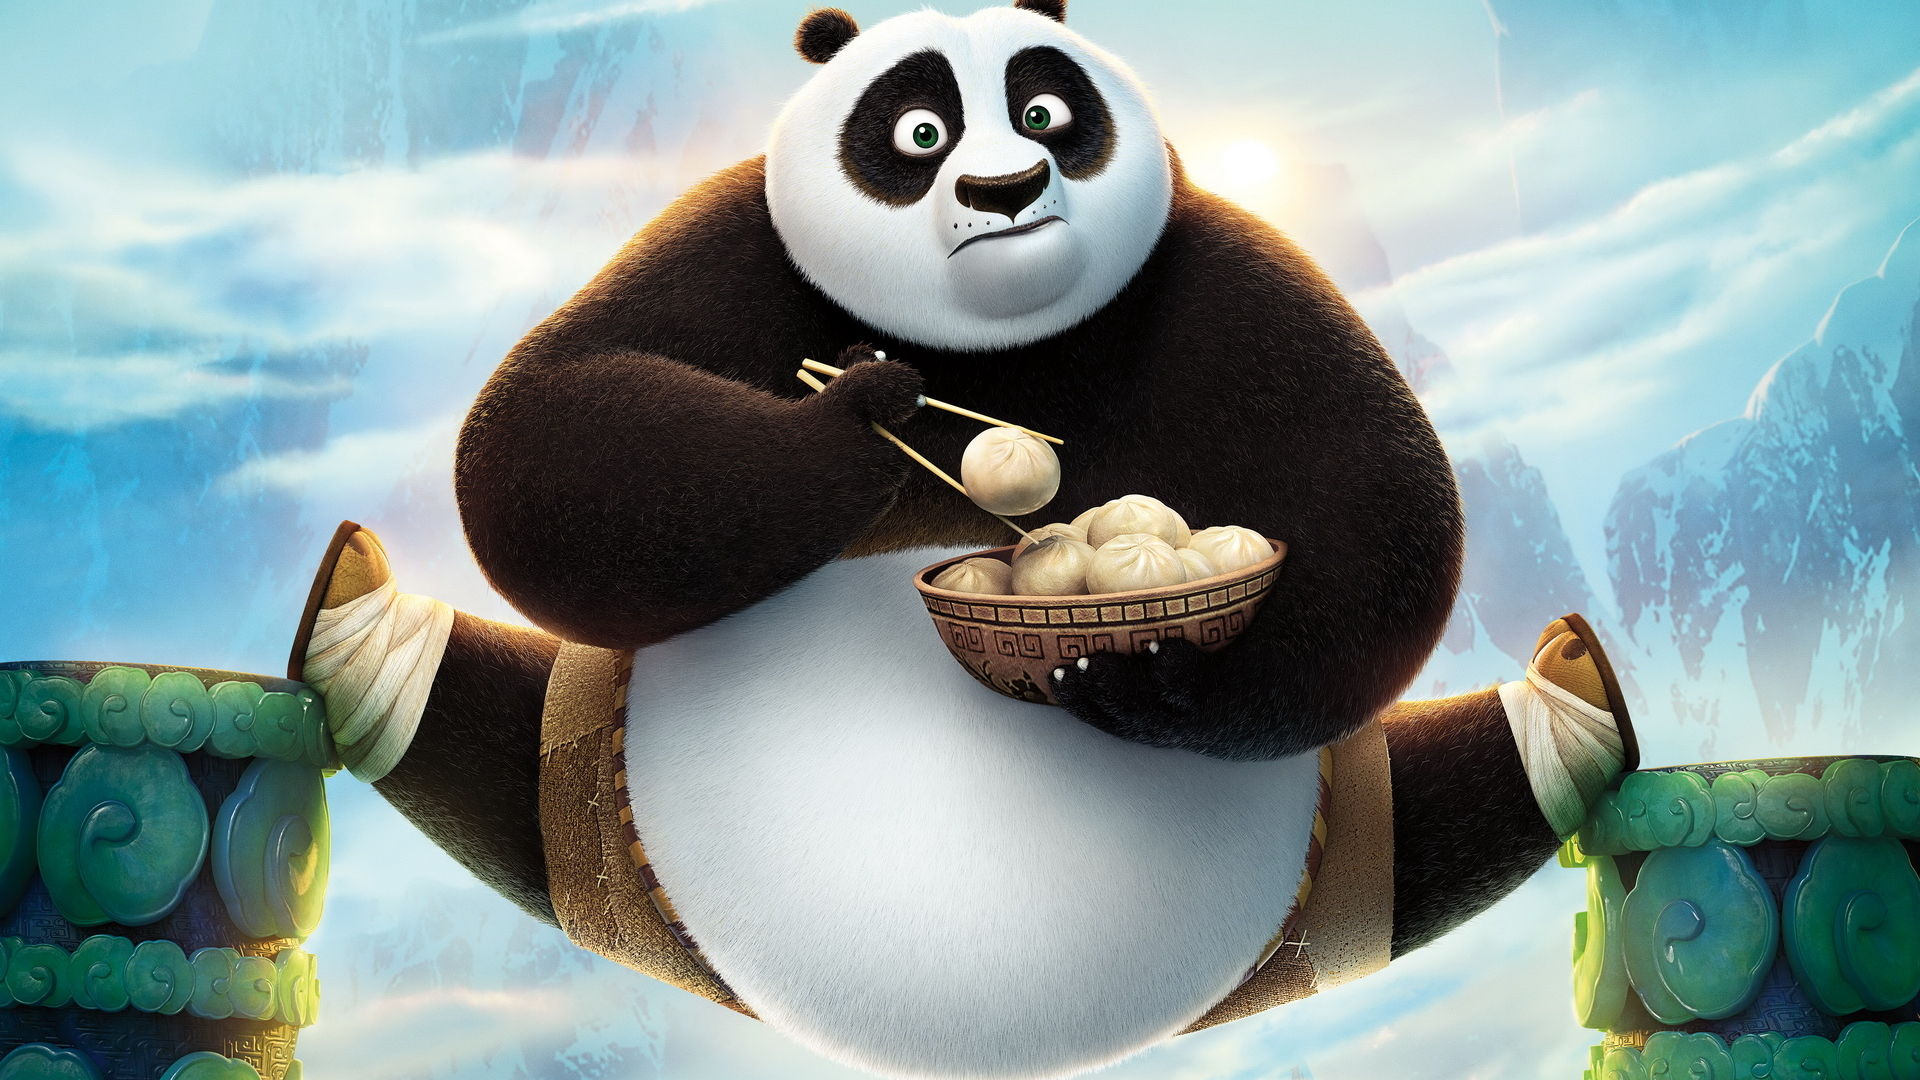 《功夫熊猫3》动漫卡通PPT背景图片免费下载是由PPT宝藏(www.pptbz.com)会员zengmin上传推荐的卡通PPT背景图片, 更新时间为2016-11-23,素材编号112335。 该片接续前作《功夫熊猫2》的剧情,故事围绕神龙大侠熊猫阿宝在探寻自己身世之谜的过程中重遇生父,并发现了离散多年的同胞下落,然而就在此时,邪恶力量开始席卷中原大地,熊猫们可能再次遭遇厄难。 创作背景 这一次的《功夫熊猫3》还是中美合拍片,所以能够在1月29日中美两国同步公映,也算是在2016年元月的一件影坛大事。《功